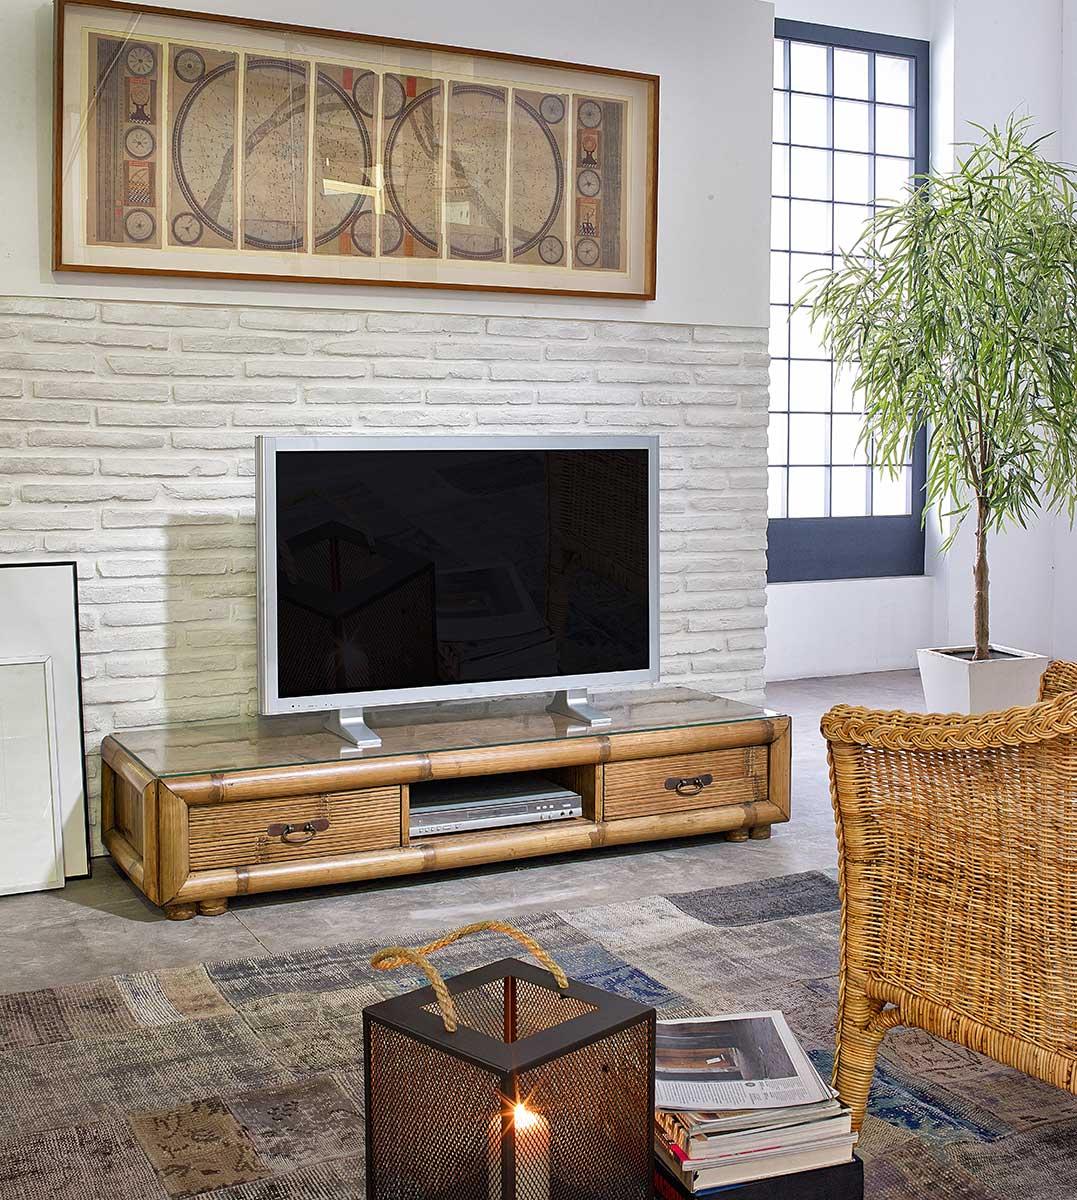 Meuble Tv Vid O Bas En Bambou Naturel Patin 6399 # Meuble Tv Haut De Gamme